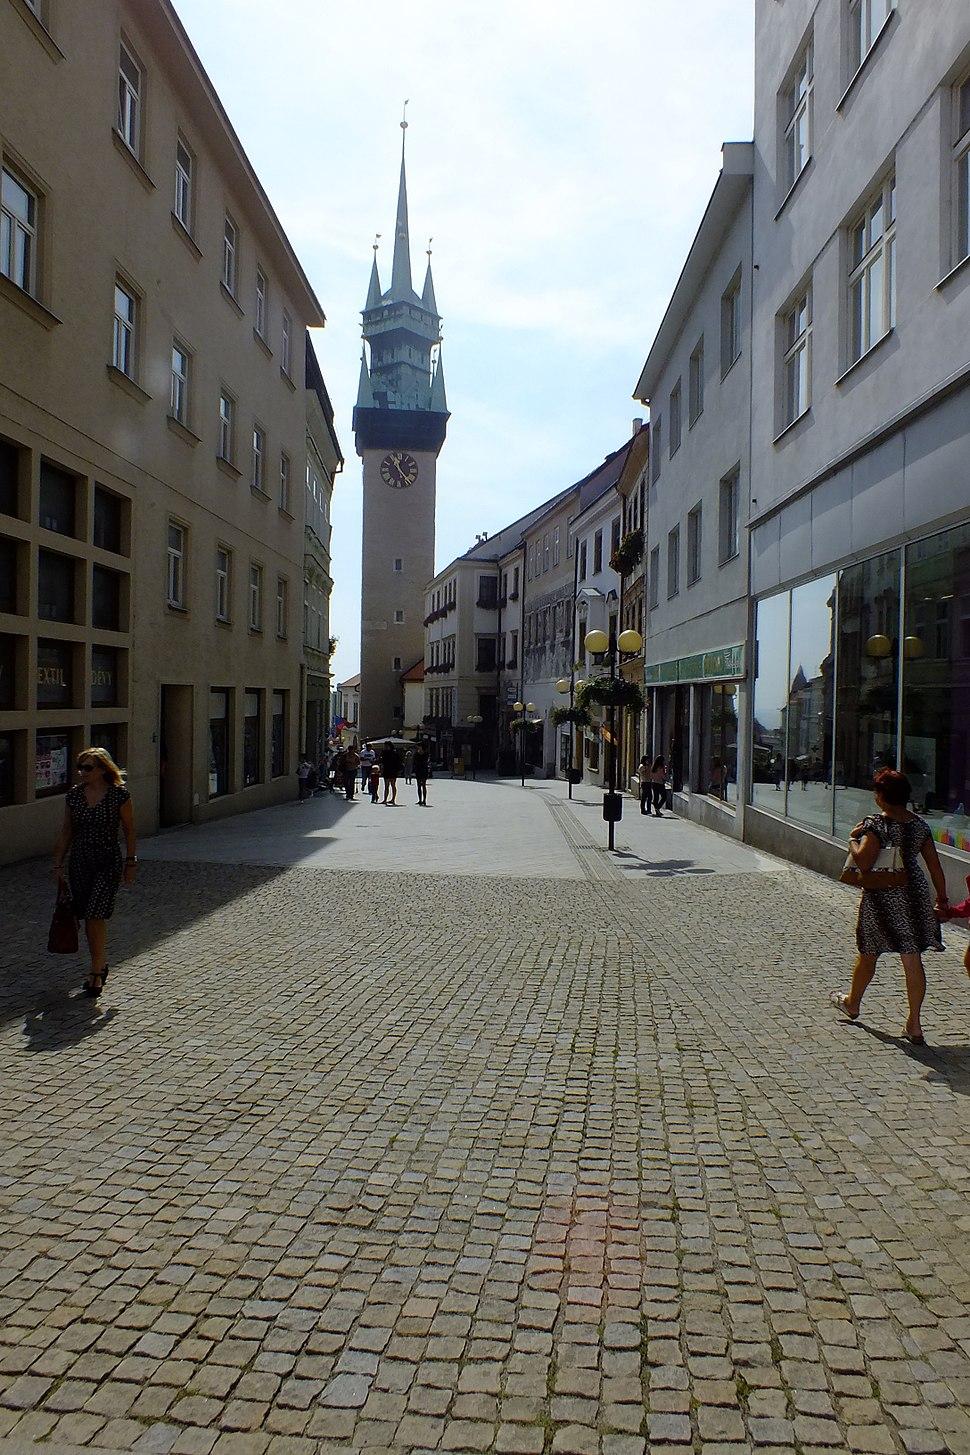 Znojmo radniční věž